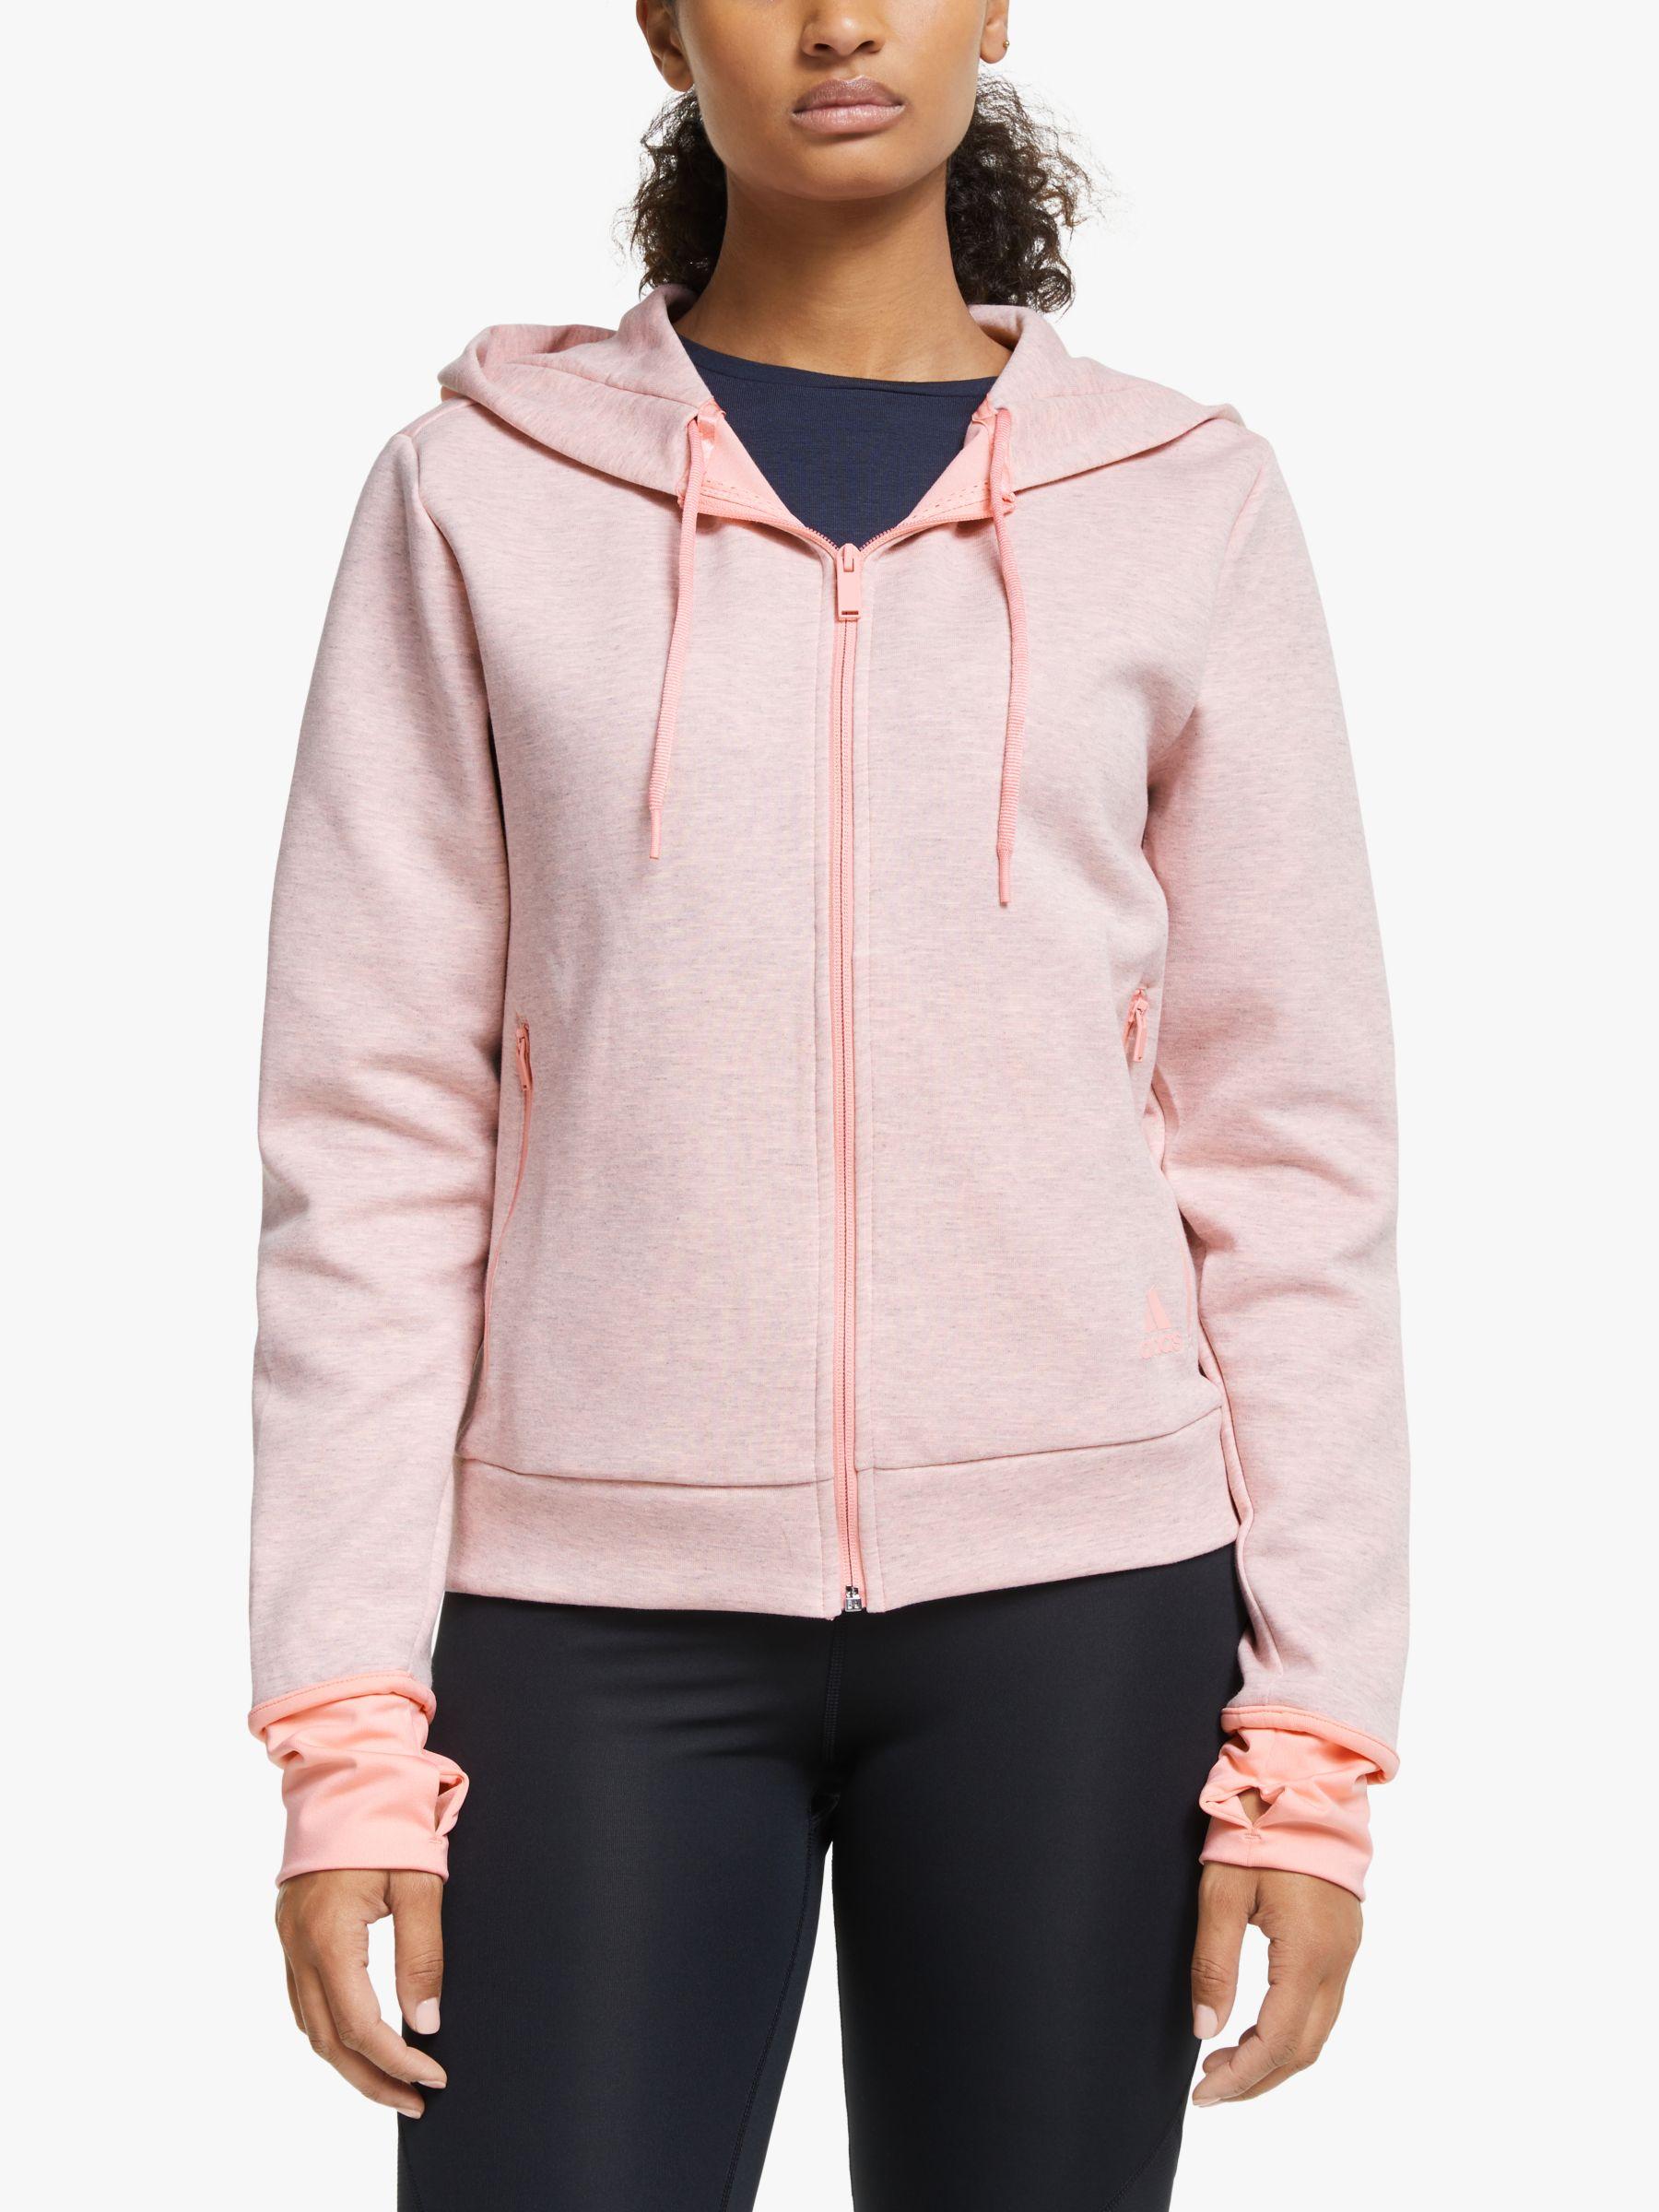 Adidas adidas Must Haves Versatility Hoodie, Glory Pink Melange